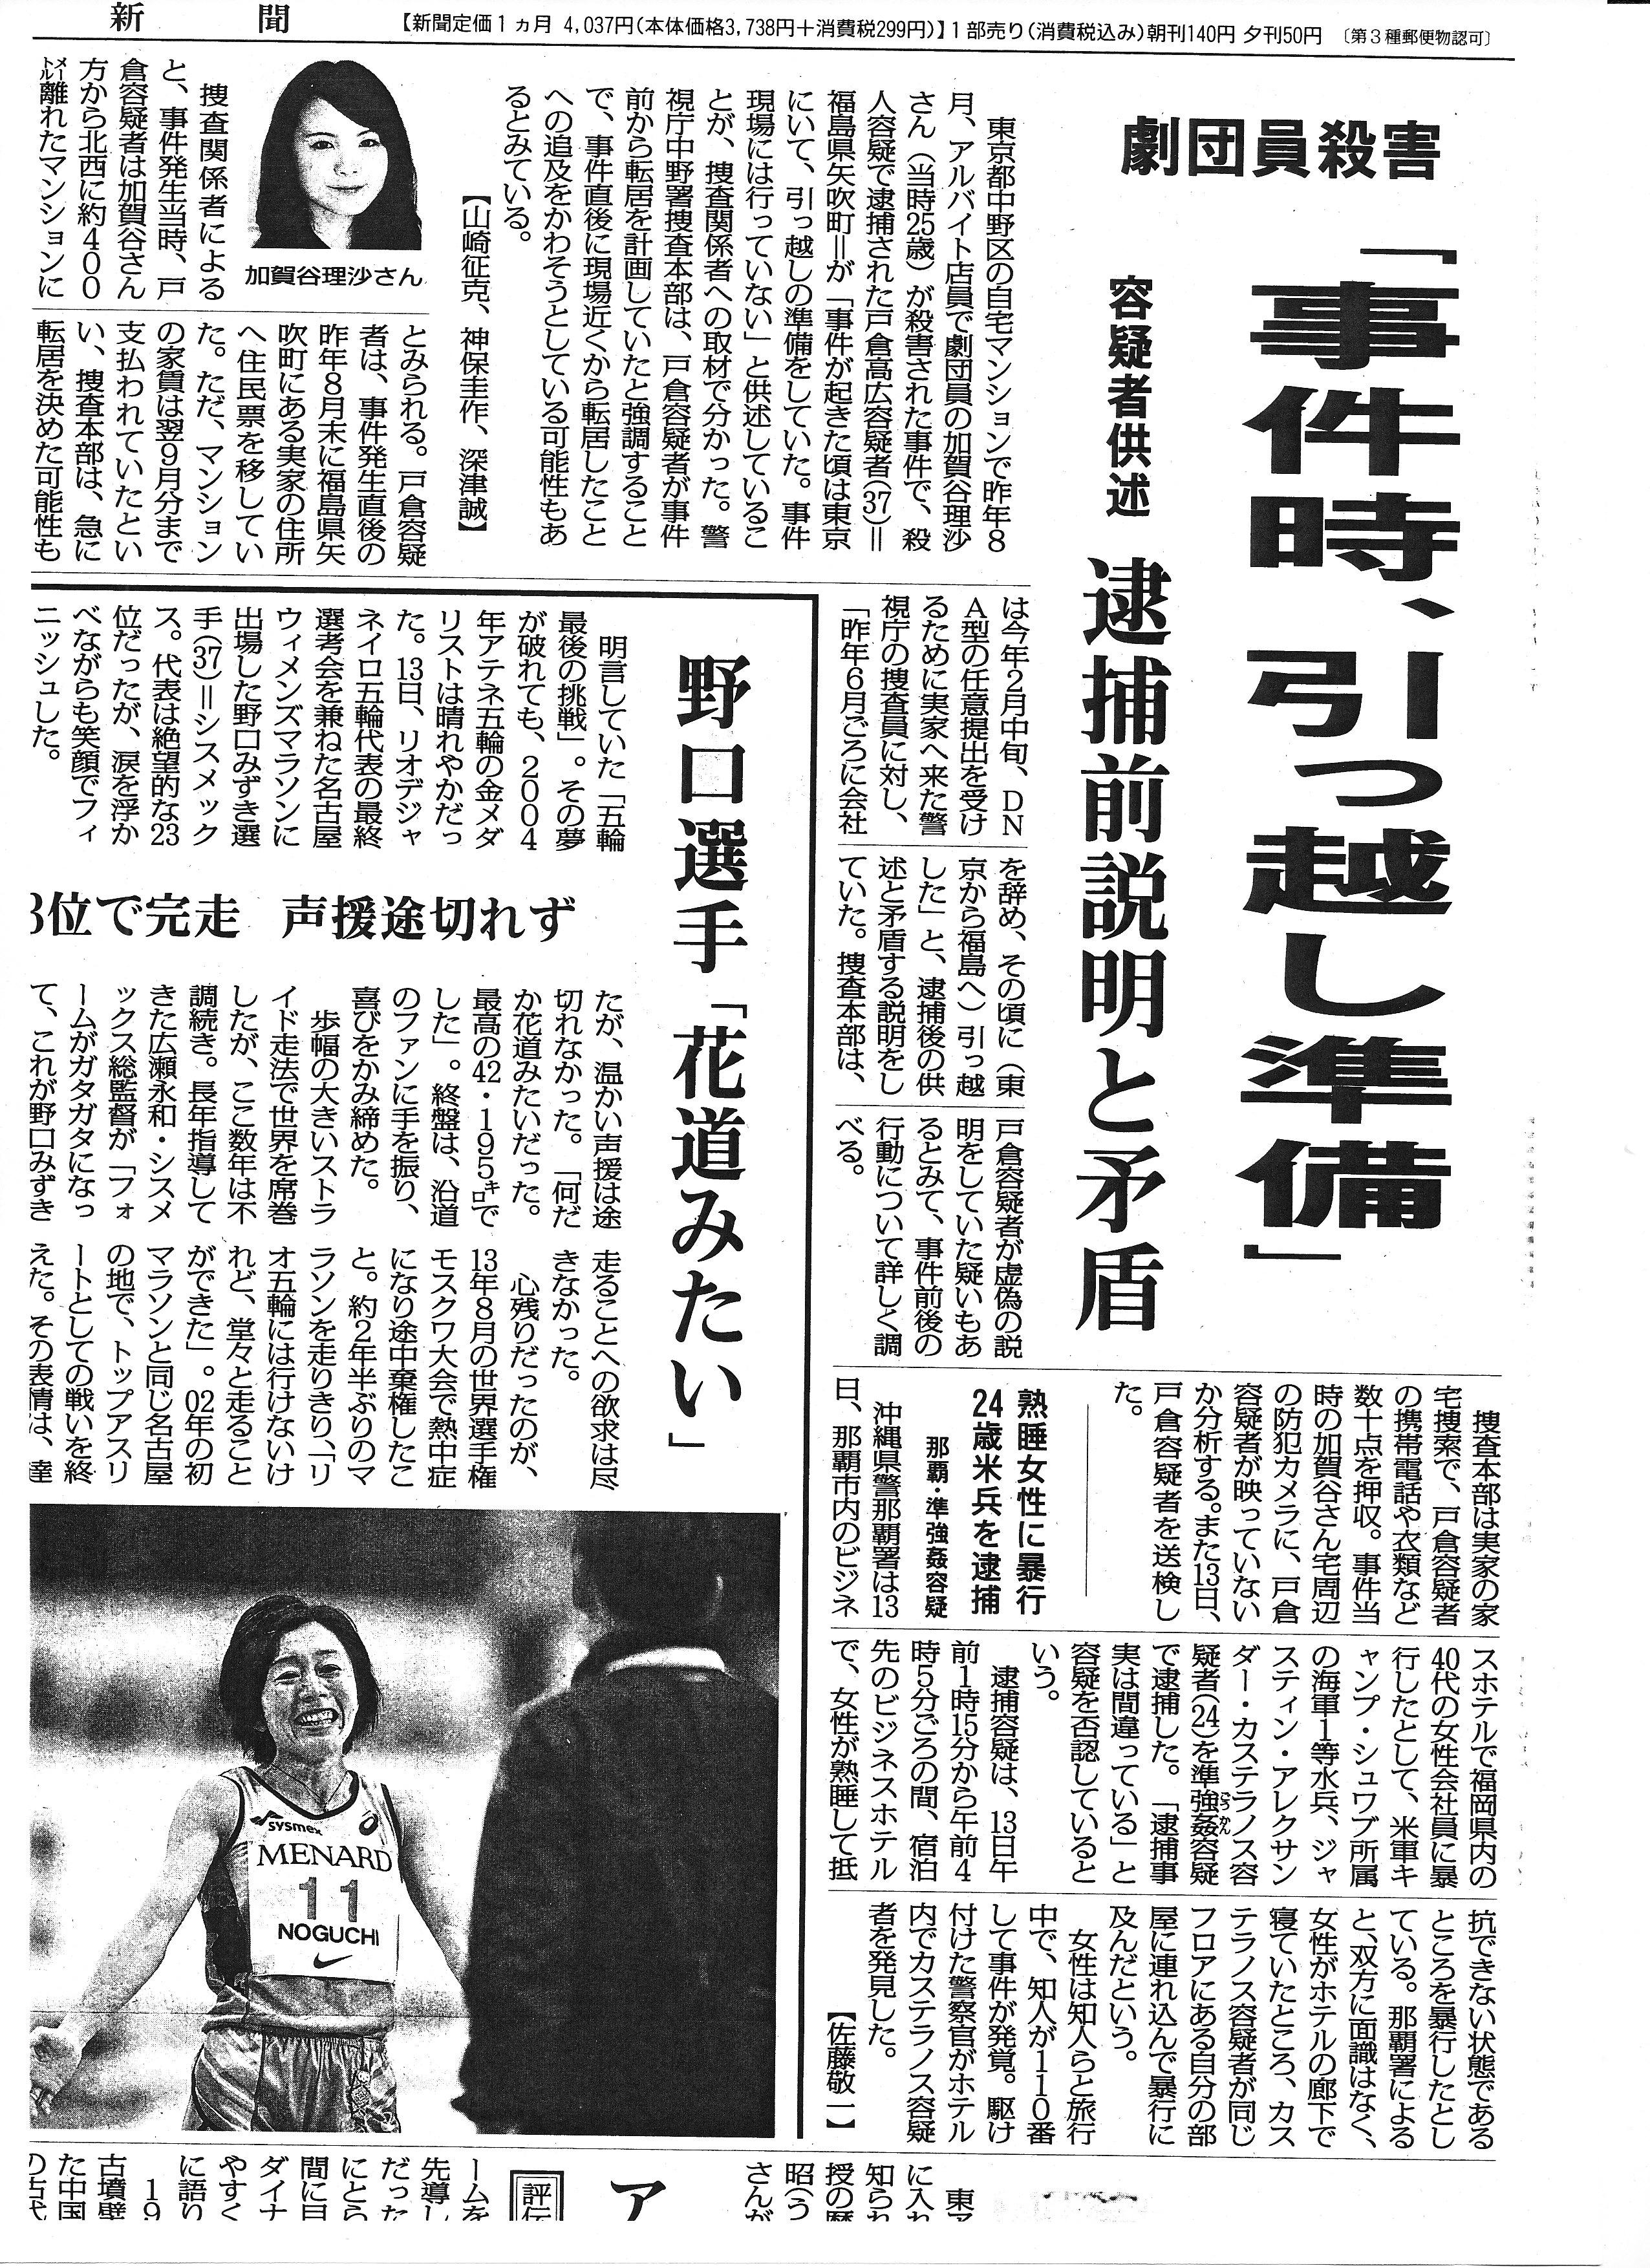 毎日新聞東京本社発行13版社会面。トップは「劇団員殺害」事件。